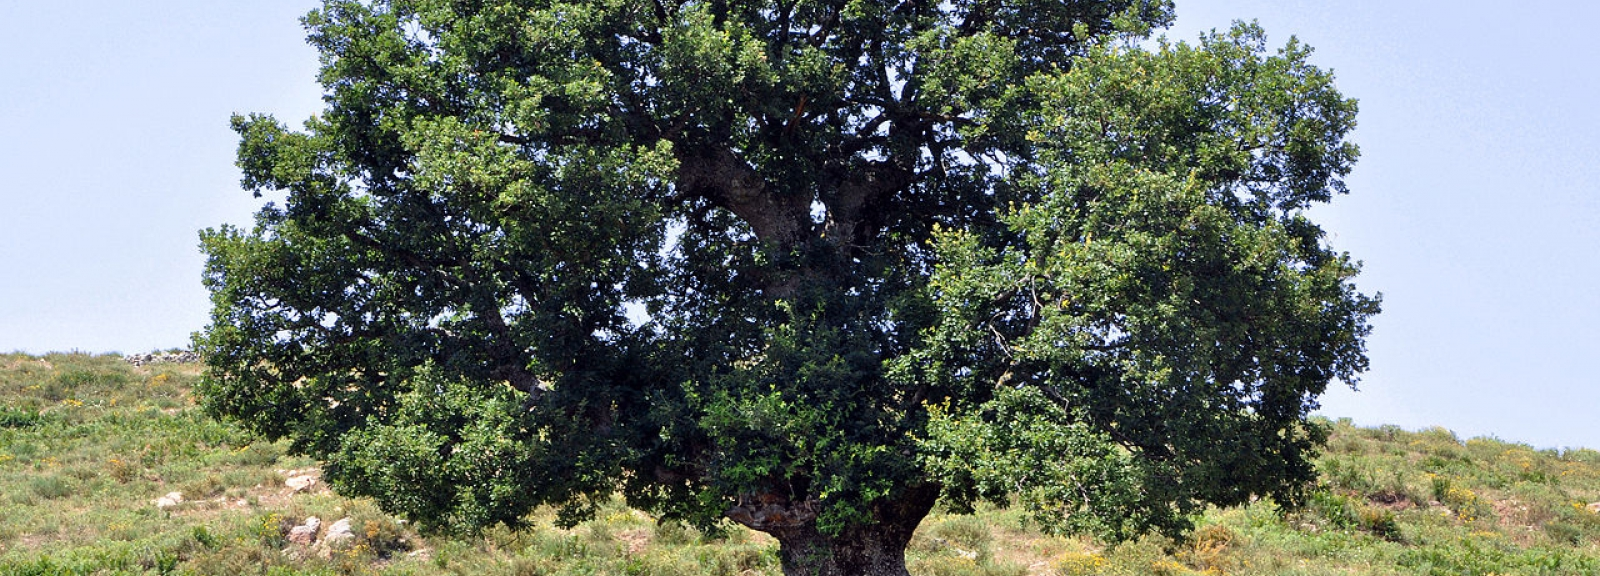 1280px-Oak_tree_in_Corsica.jpg